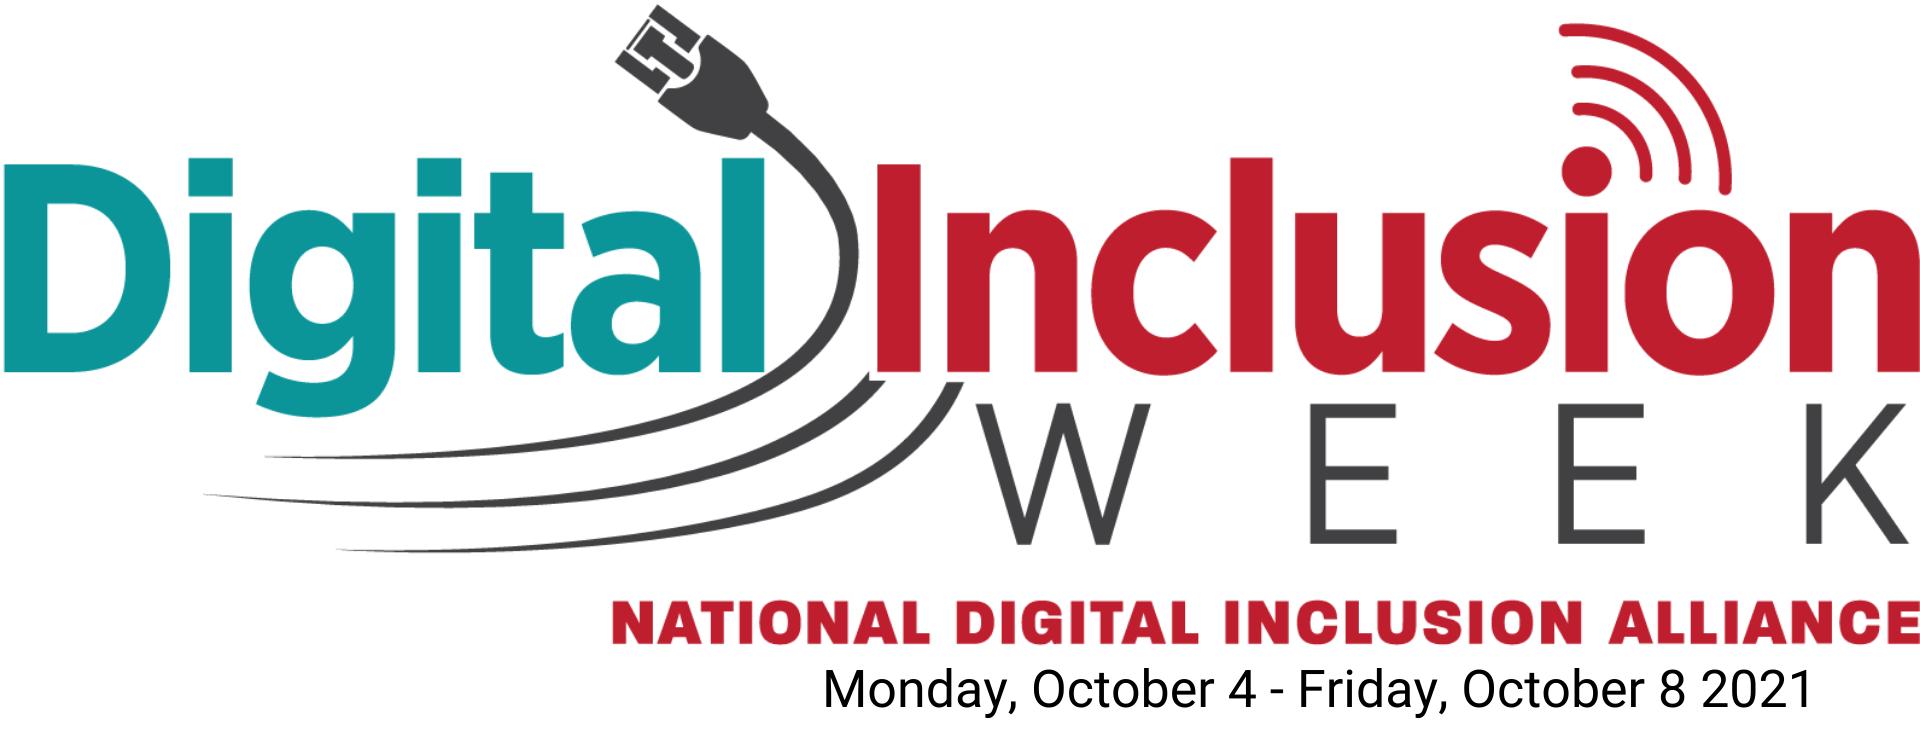 Digital Inclusion Week 2021